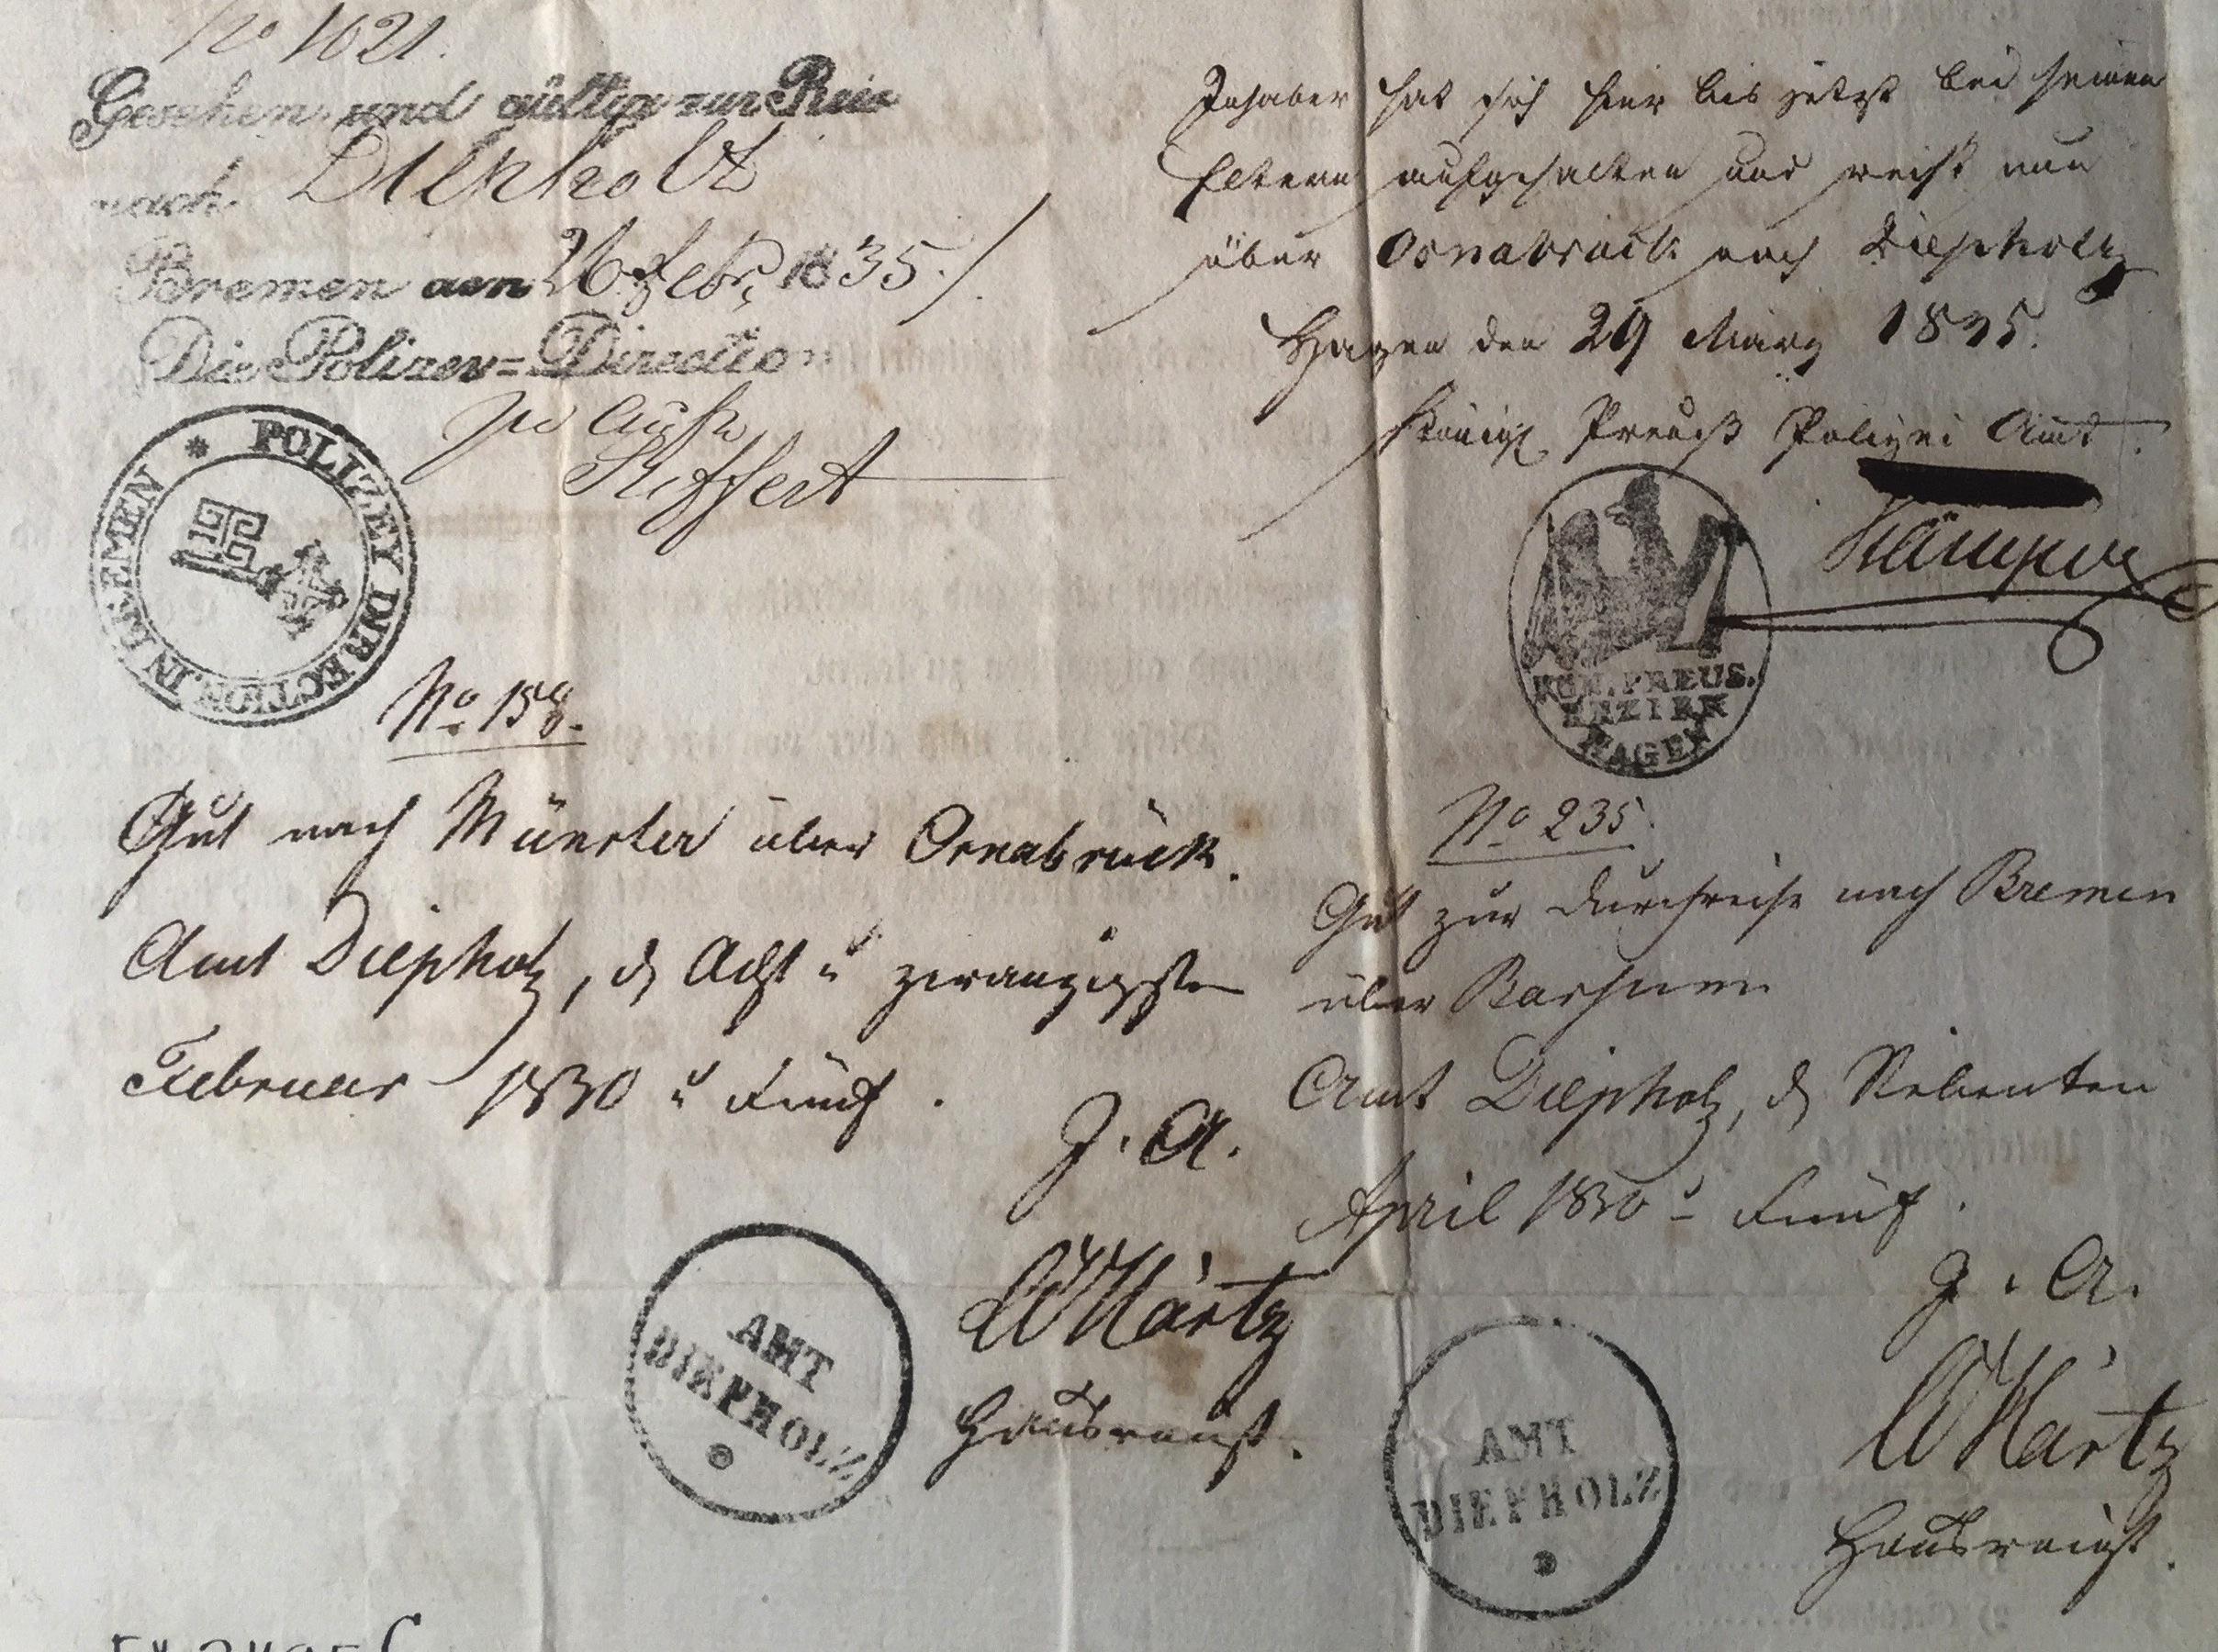 Prussian passport visas